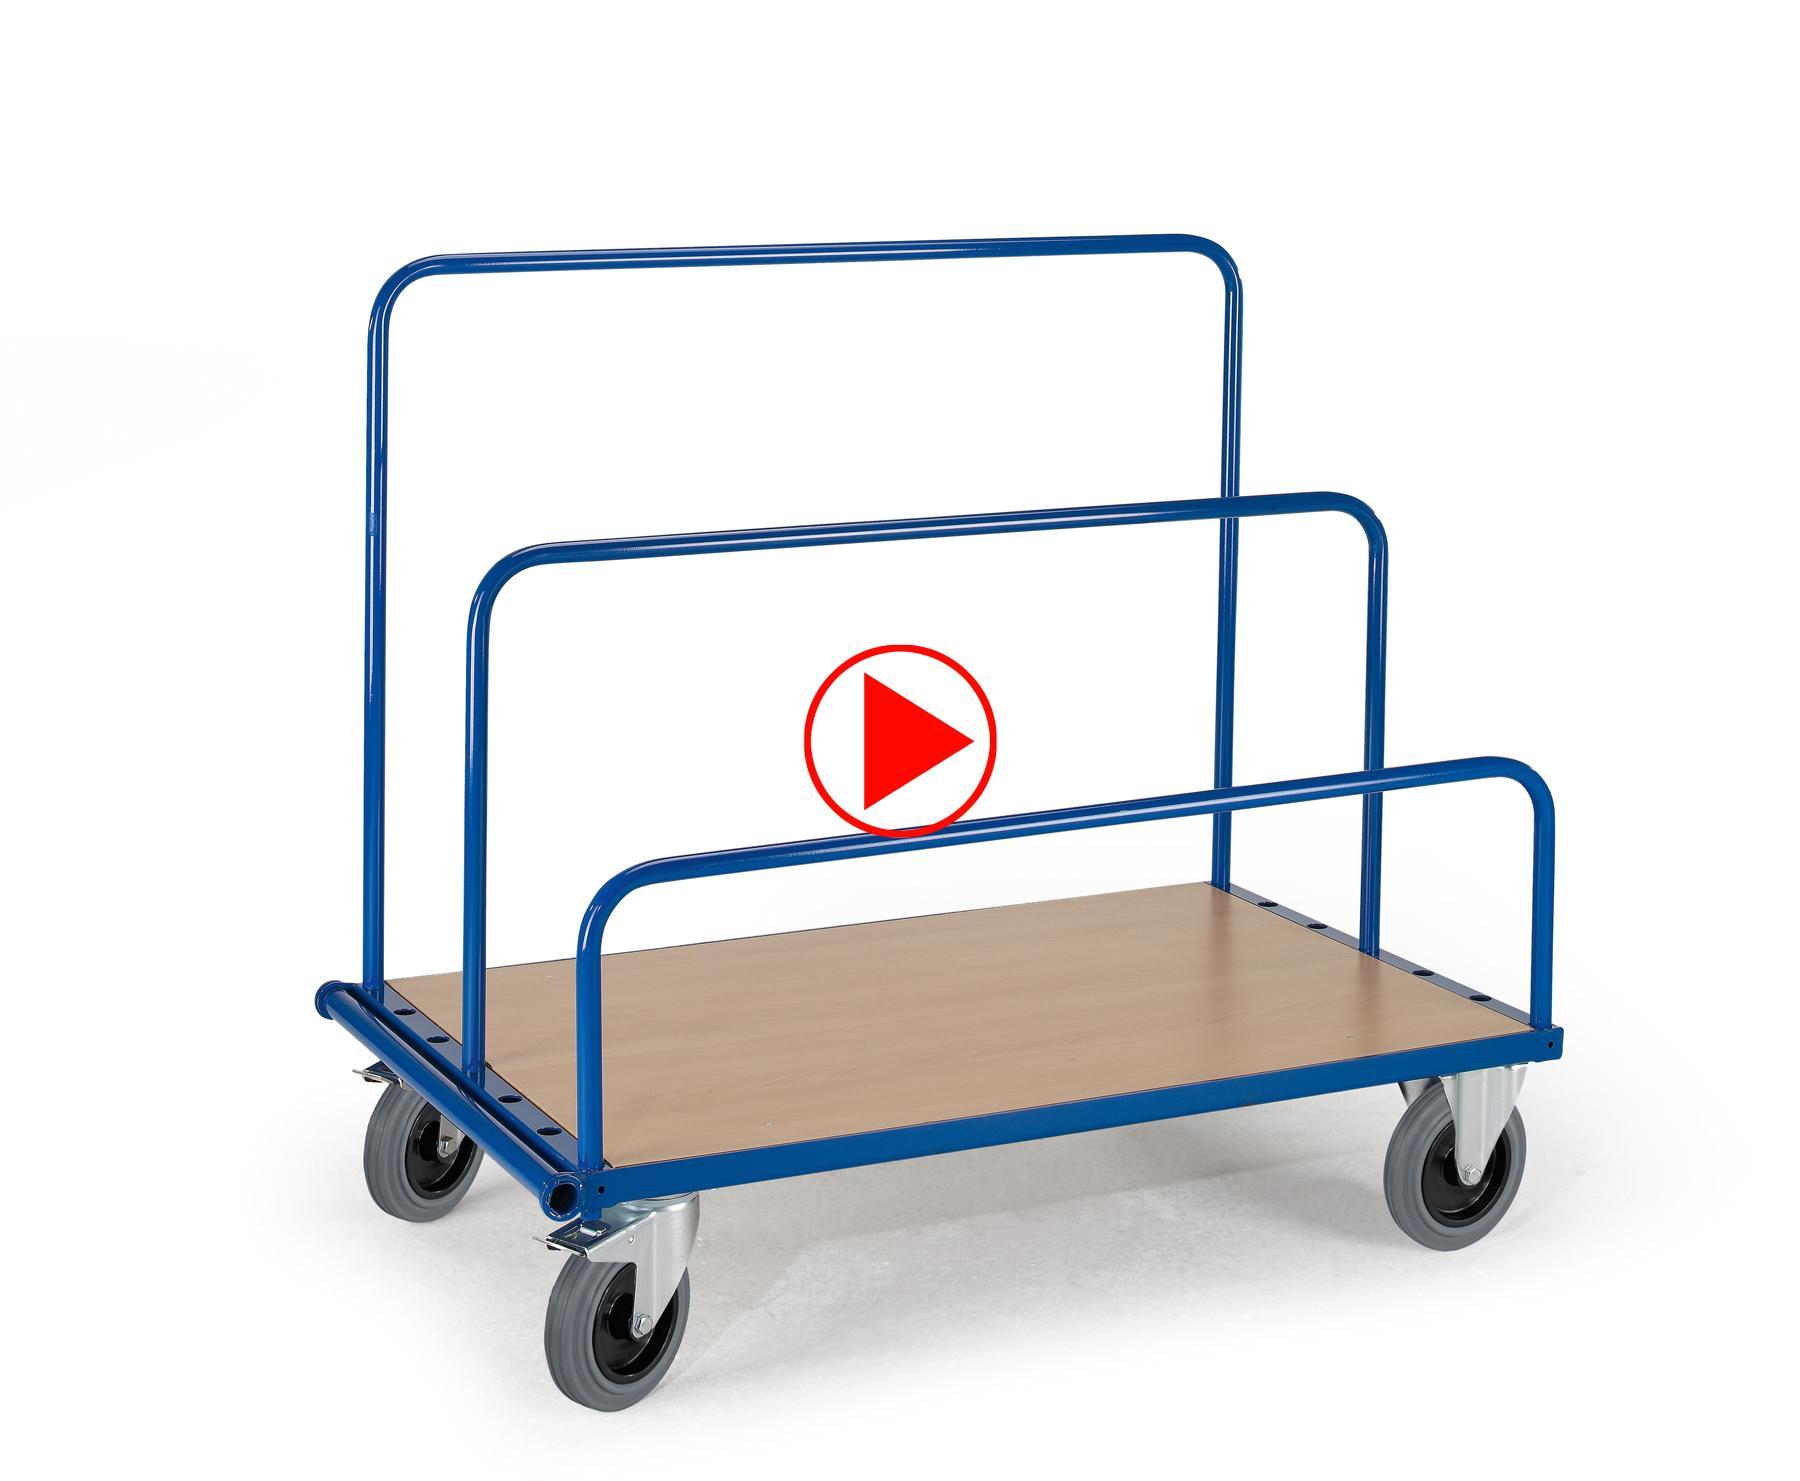 Video zum Plattenwagen mit Einstecken/Ausstecken der Bügel, Fahren etc.